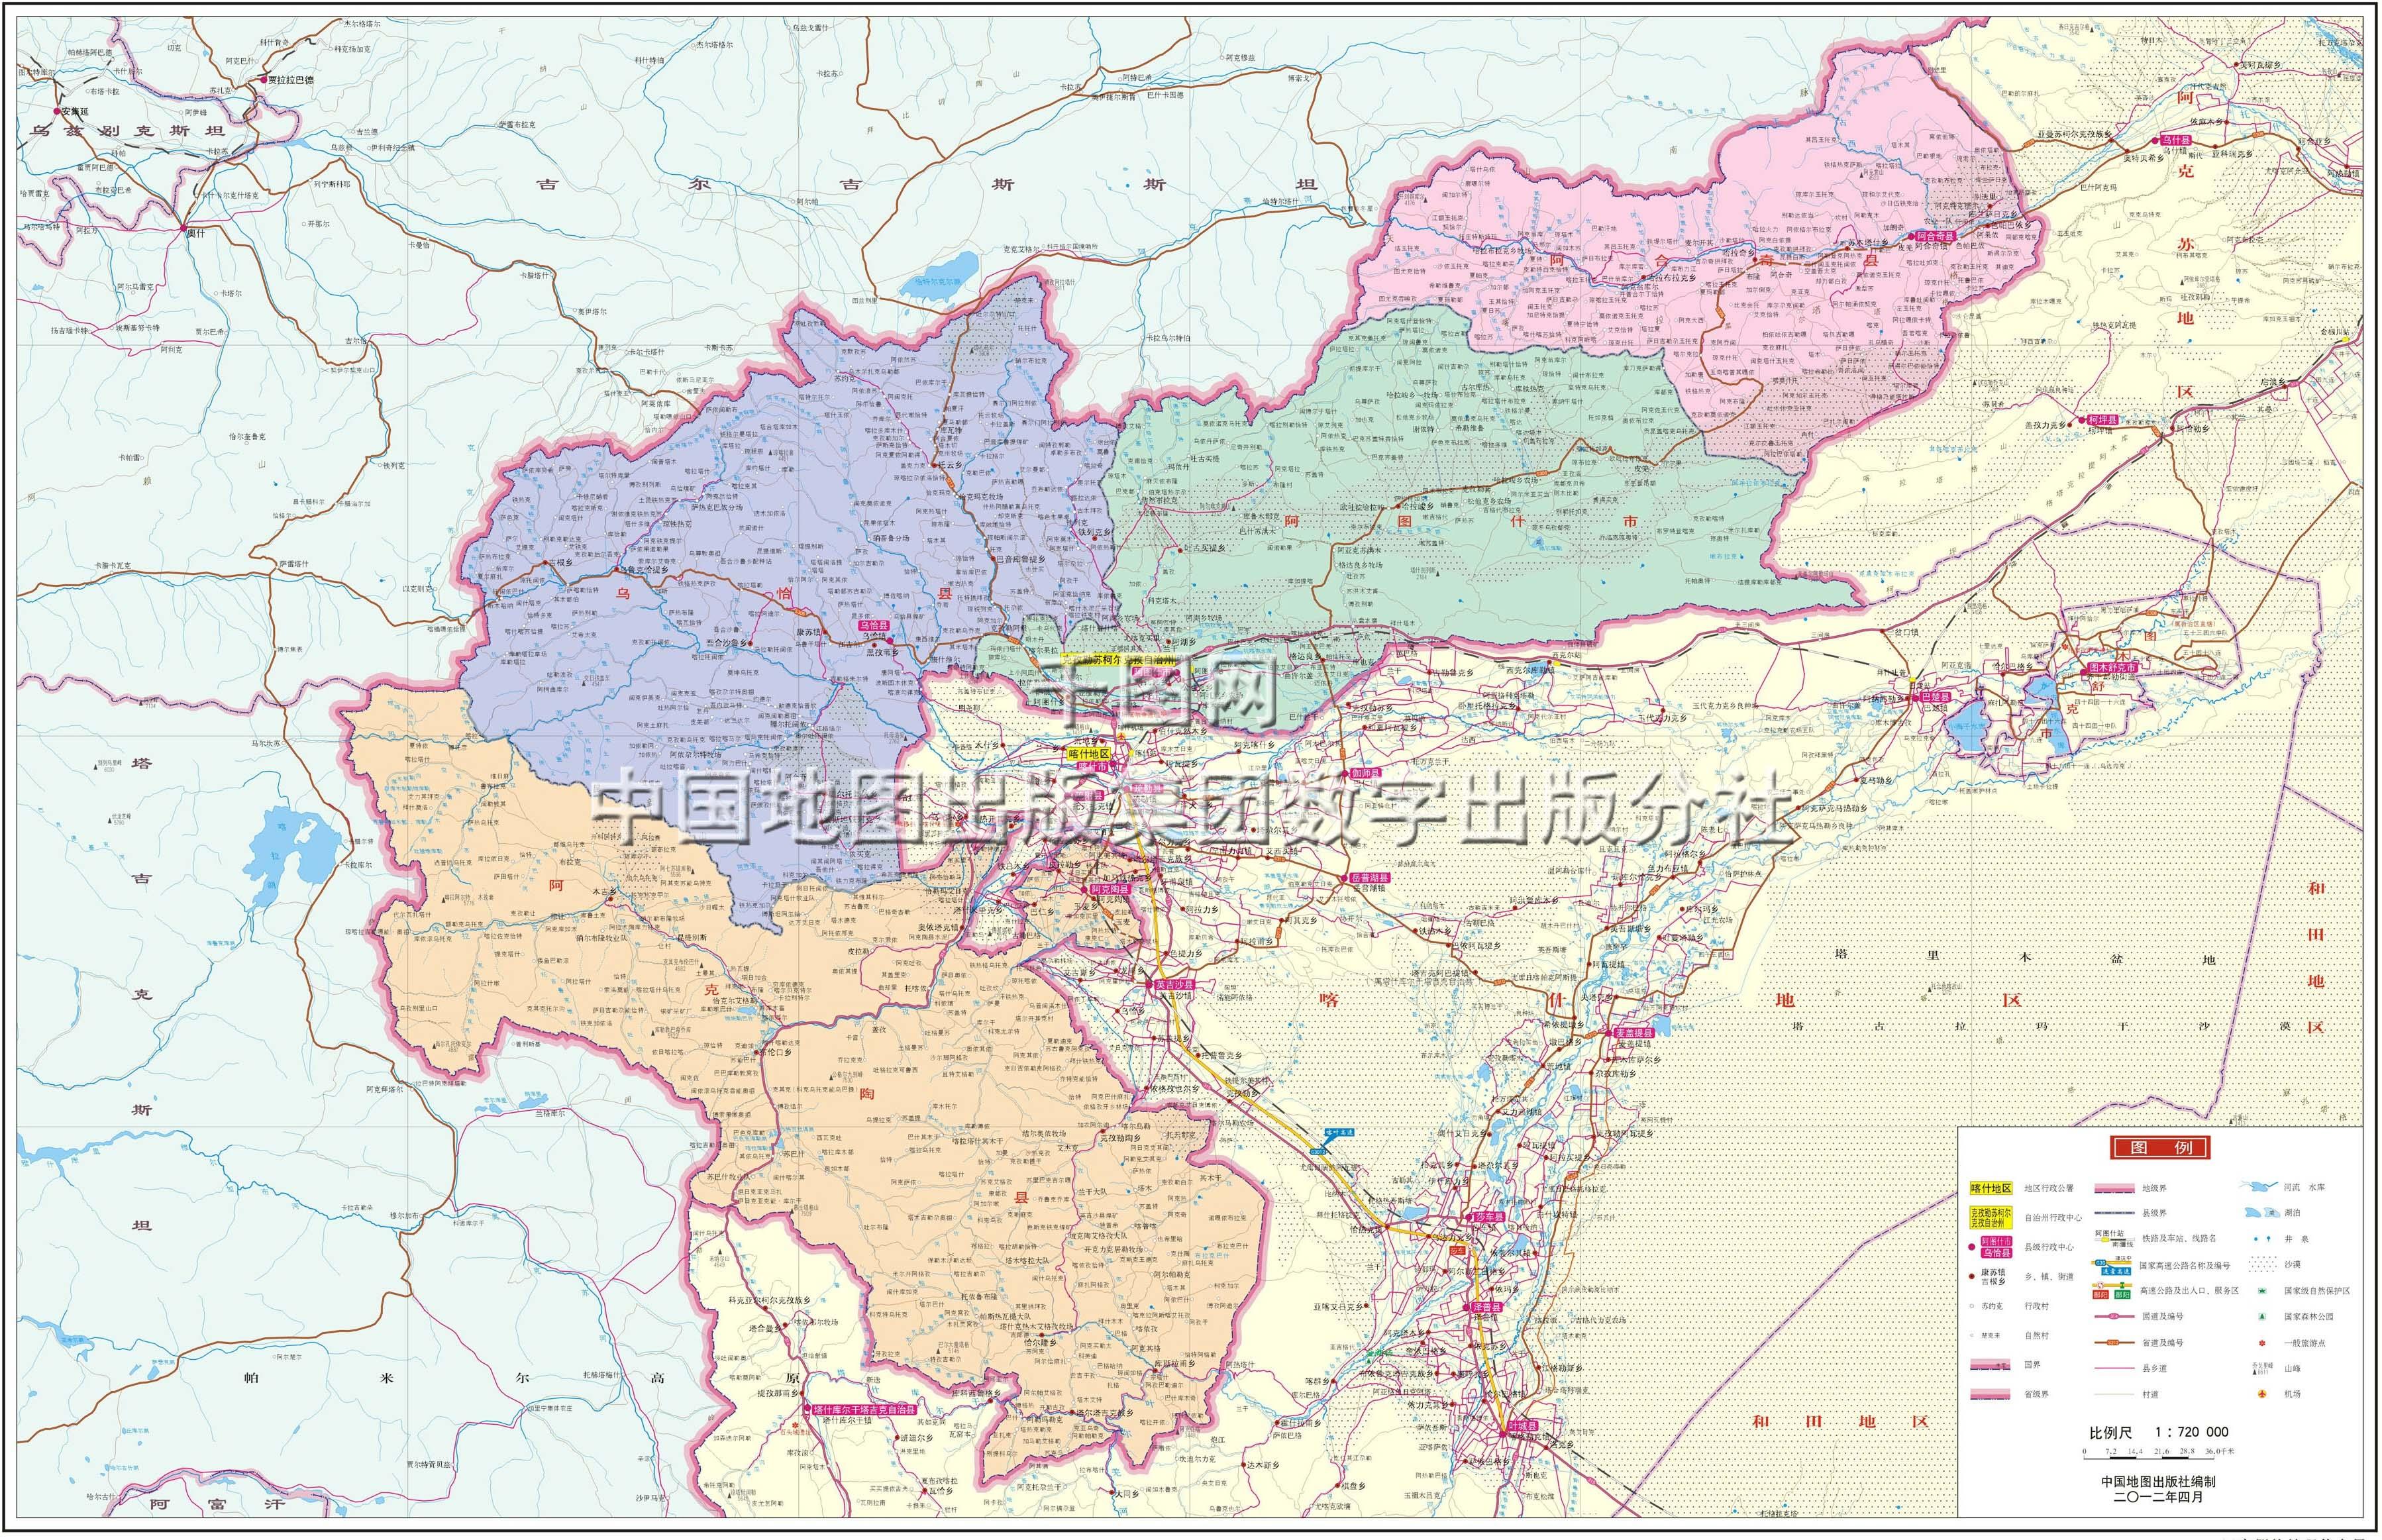 克孜勒苏柯尔克孜自治州地图高清版